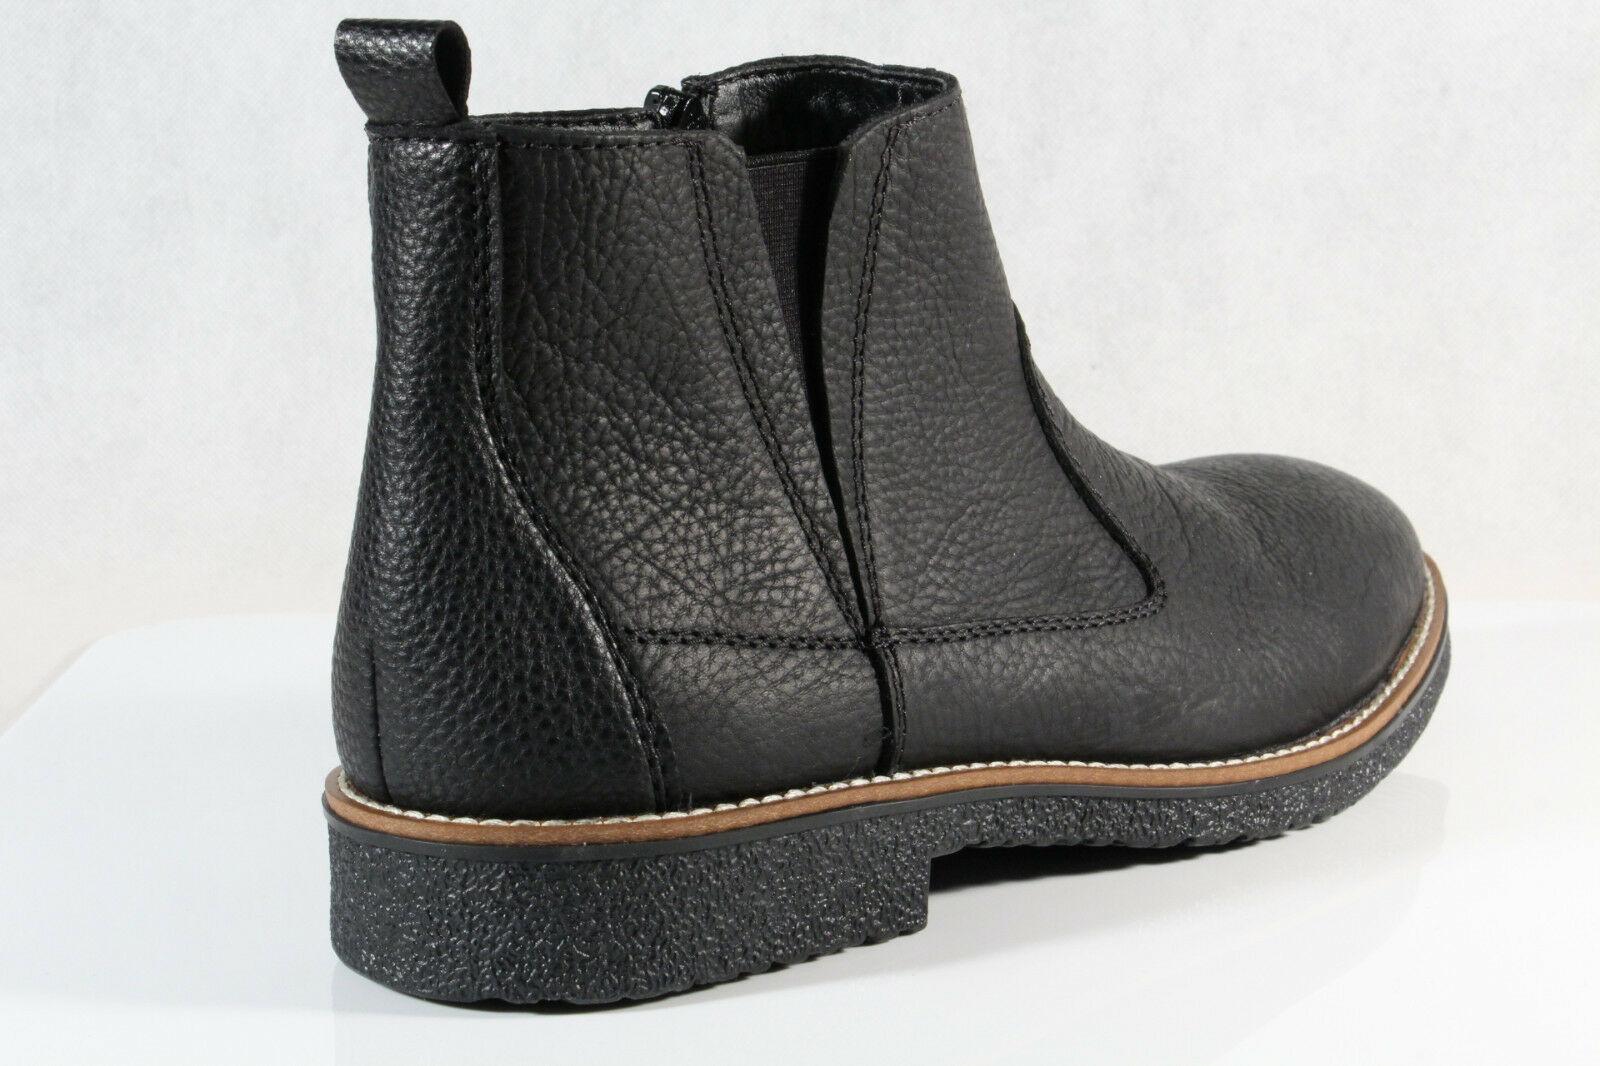 Rieker Herren Stiefel Stiefelette Stiefeletten Boots schwarz 33660 Echtleder NEU